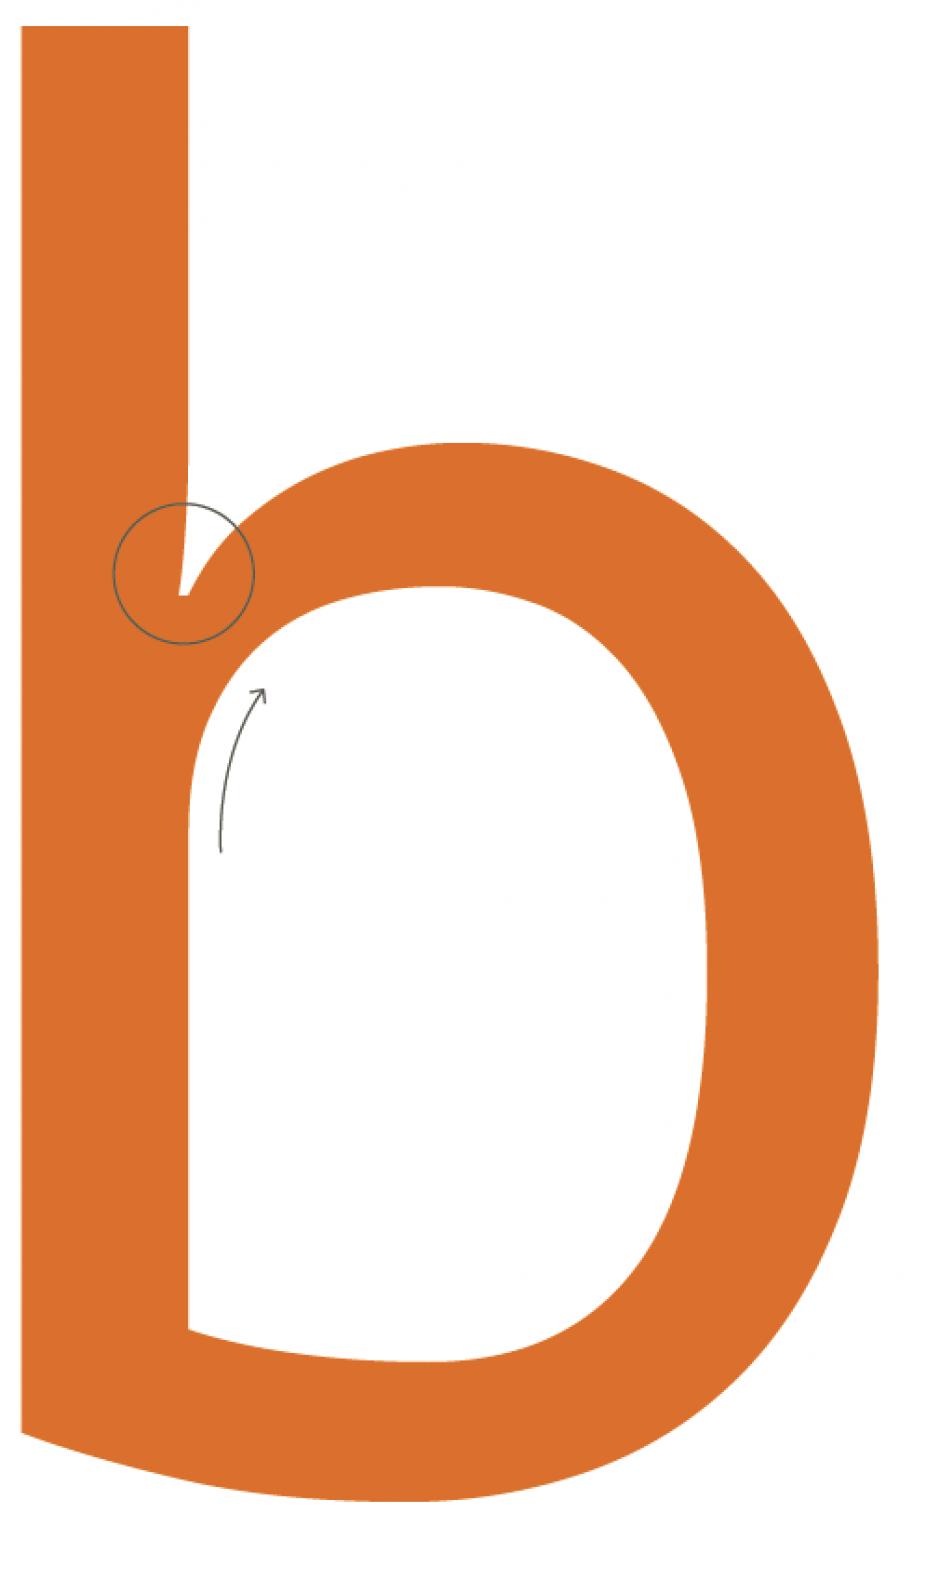 URW++, Bernd Hülsmann, Typografie